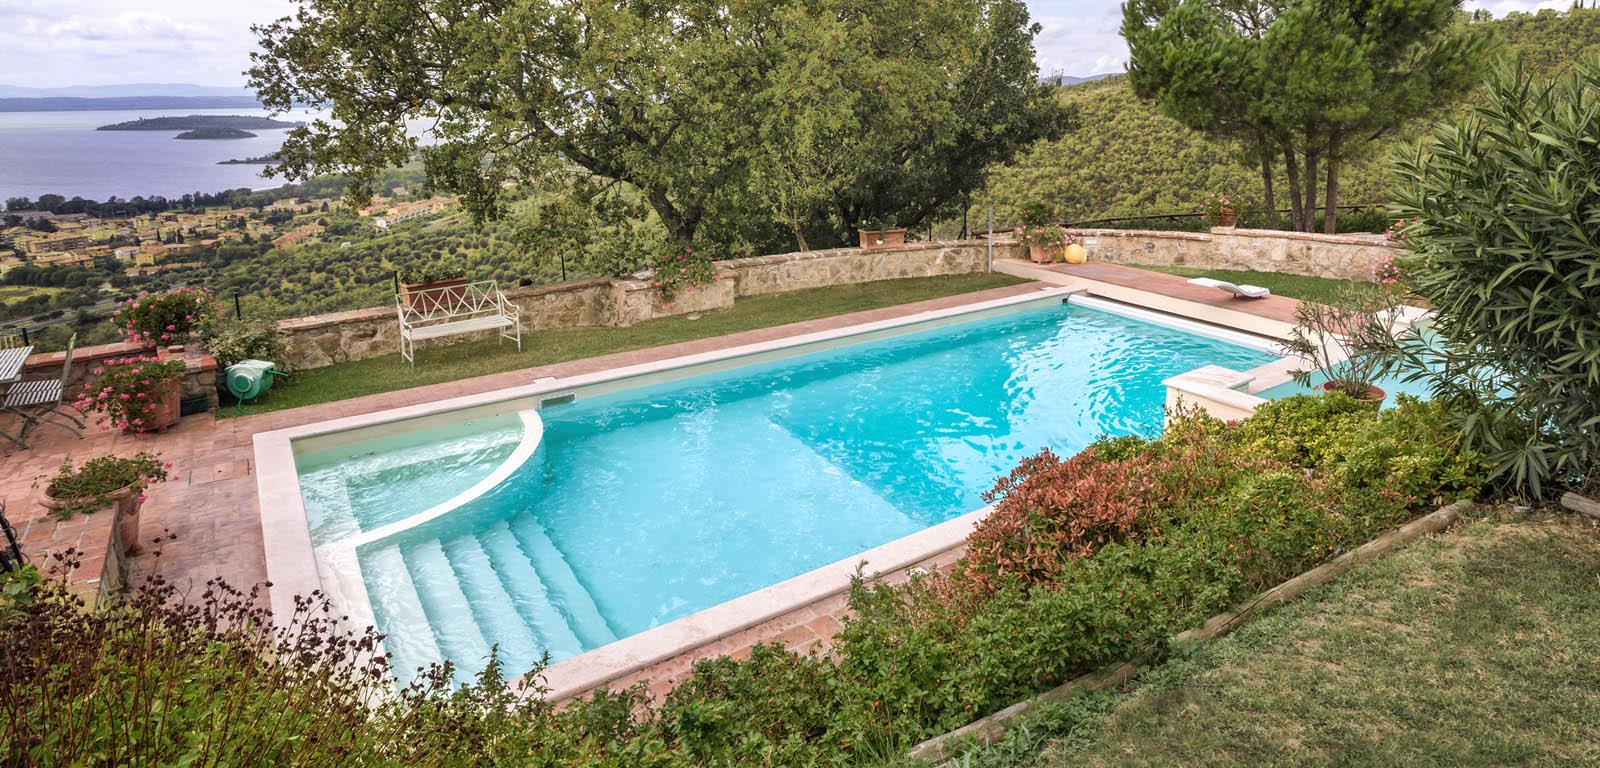 Piscine interrate vantaggi e prezzi piscine castiglione - Piscina da interno ...